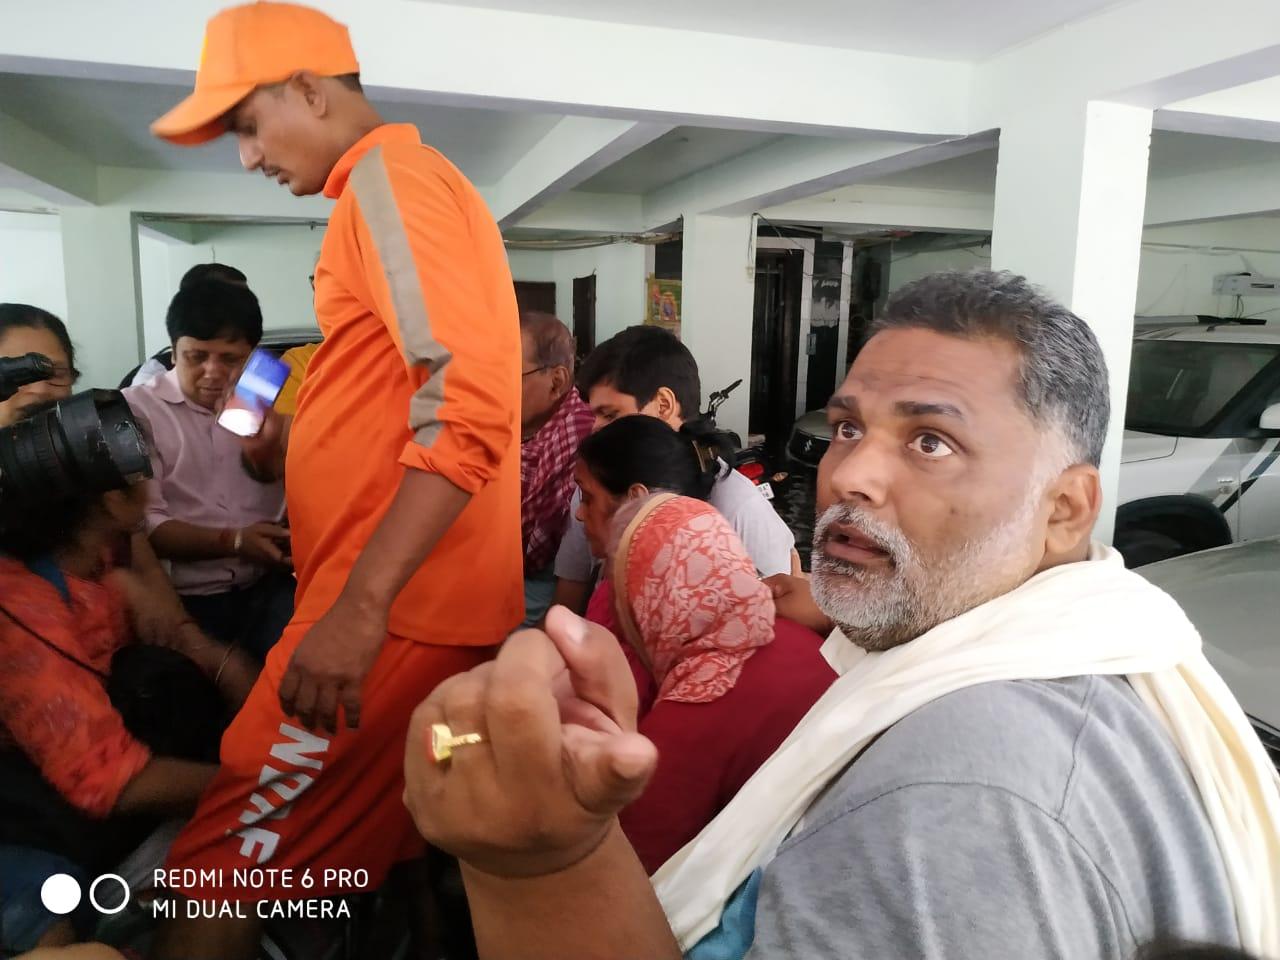 नेताओं और अधिकारियों को भी कटघरे में खड़ा कर दिया